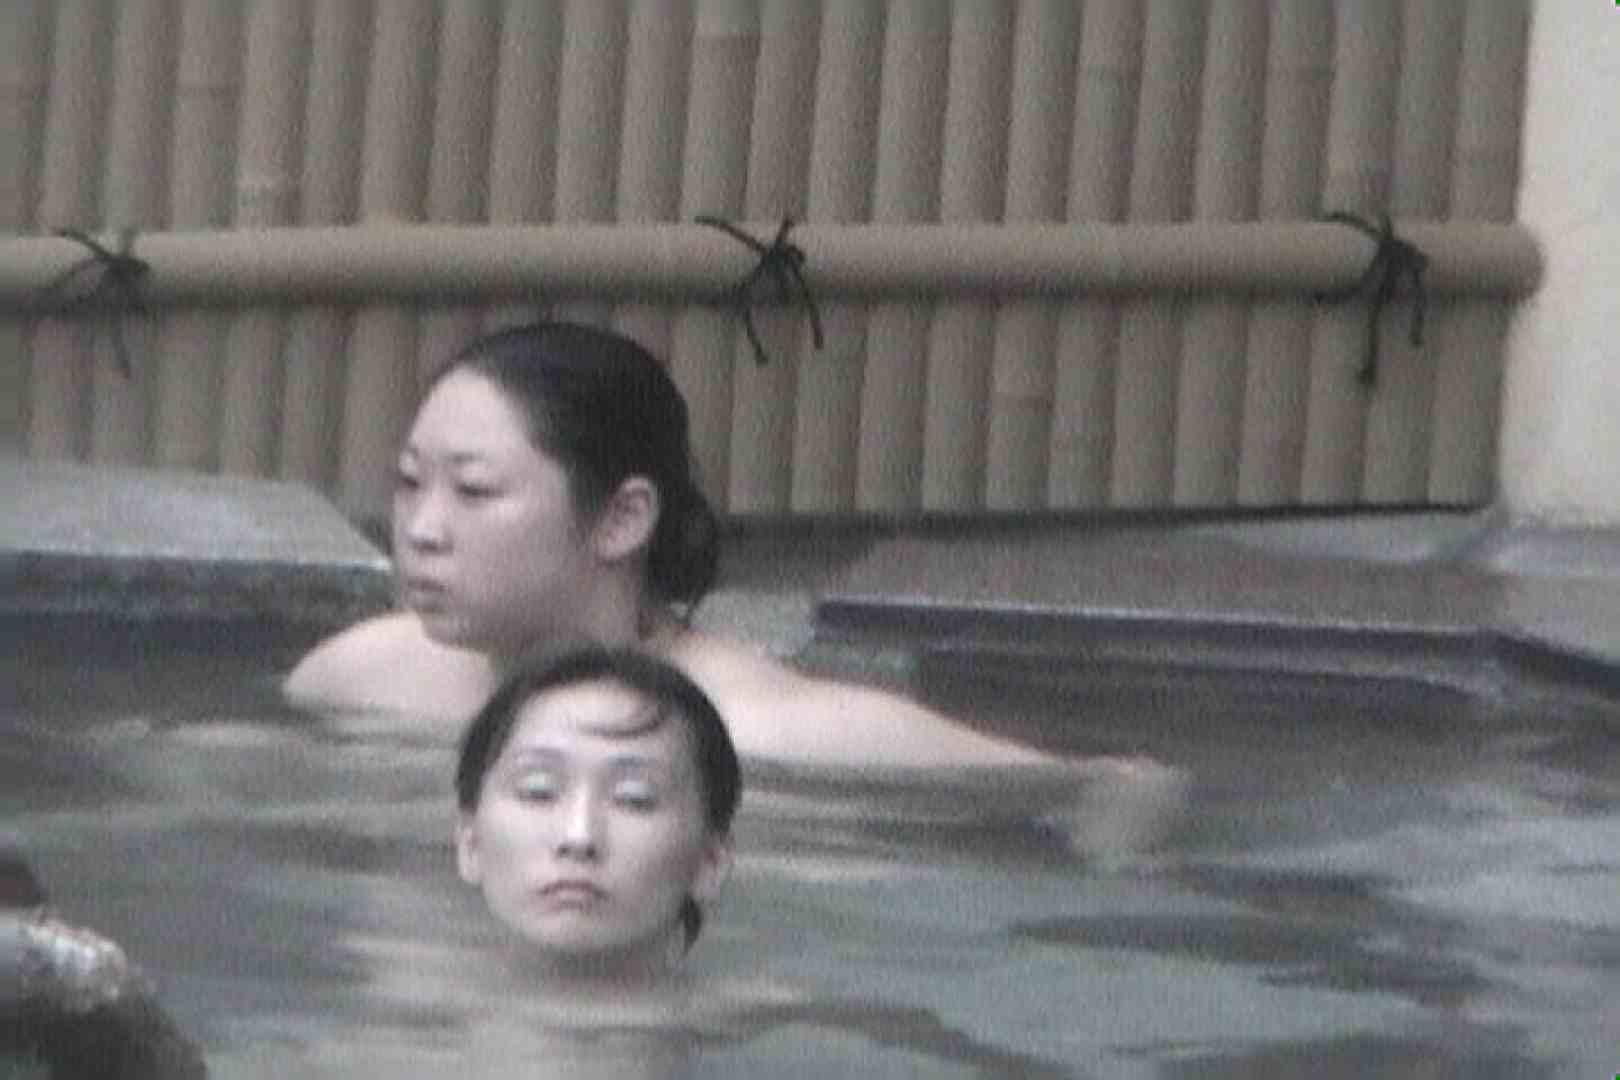 Aquaな露天風呂Vol.557 OLのエロ生活  34連発 9